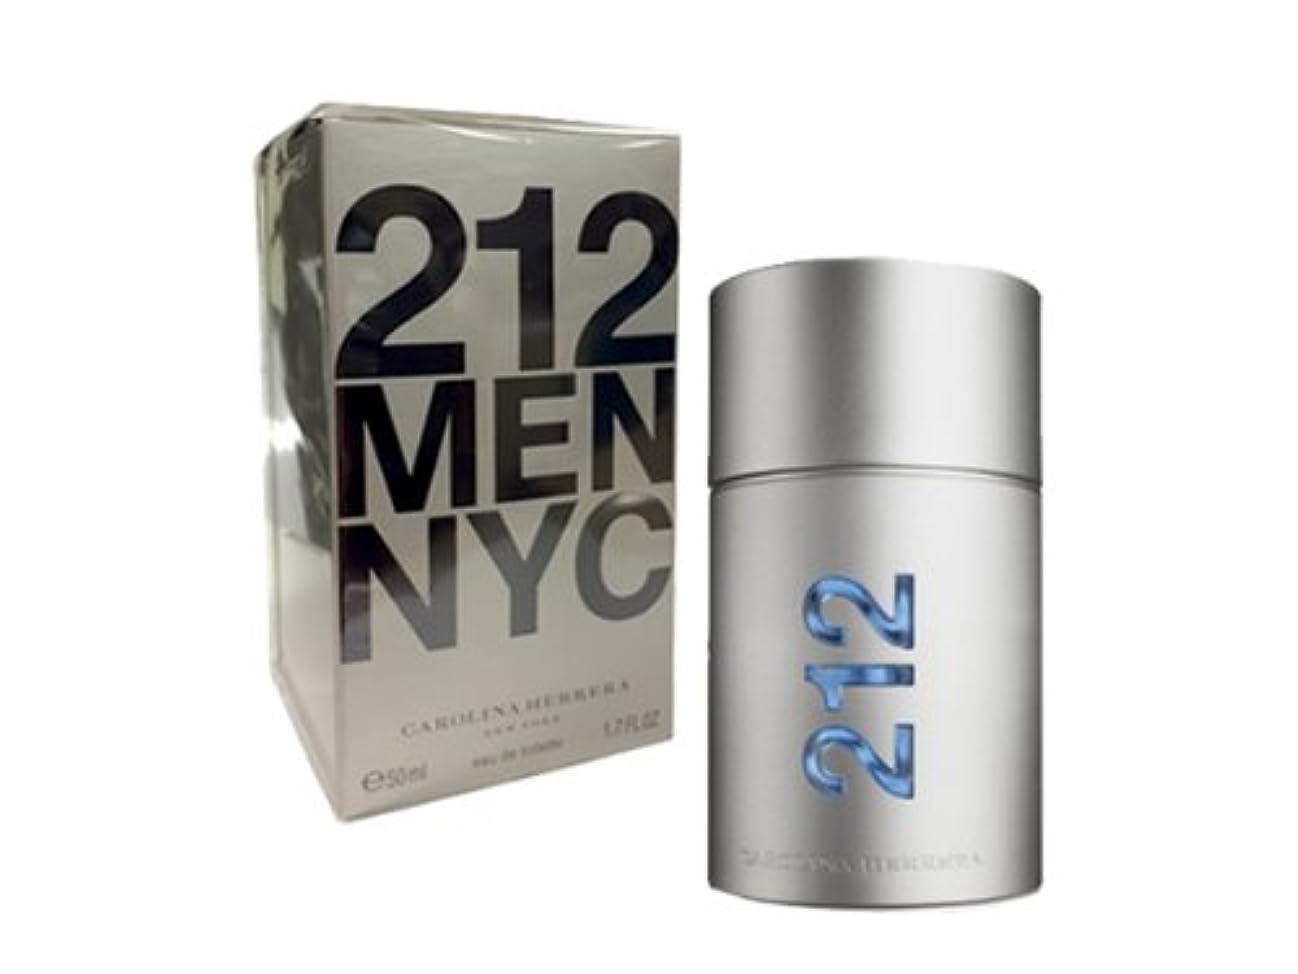 拍車特異な量キャロライナヘレラ 212メン 50ml メンズ 香水 212MEDT50 CAROLINA HERRERA (並行輸入品)